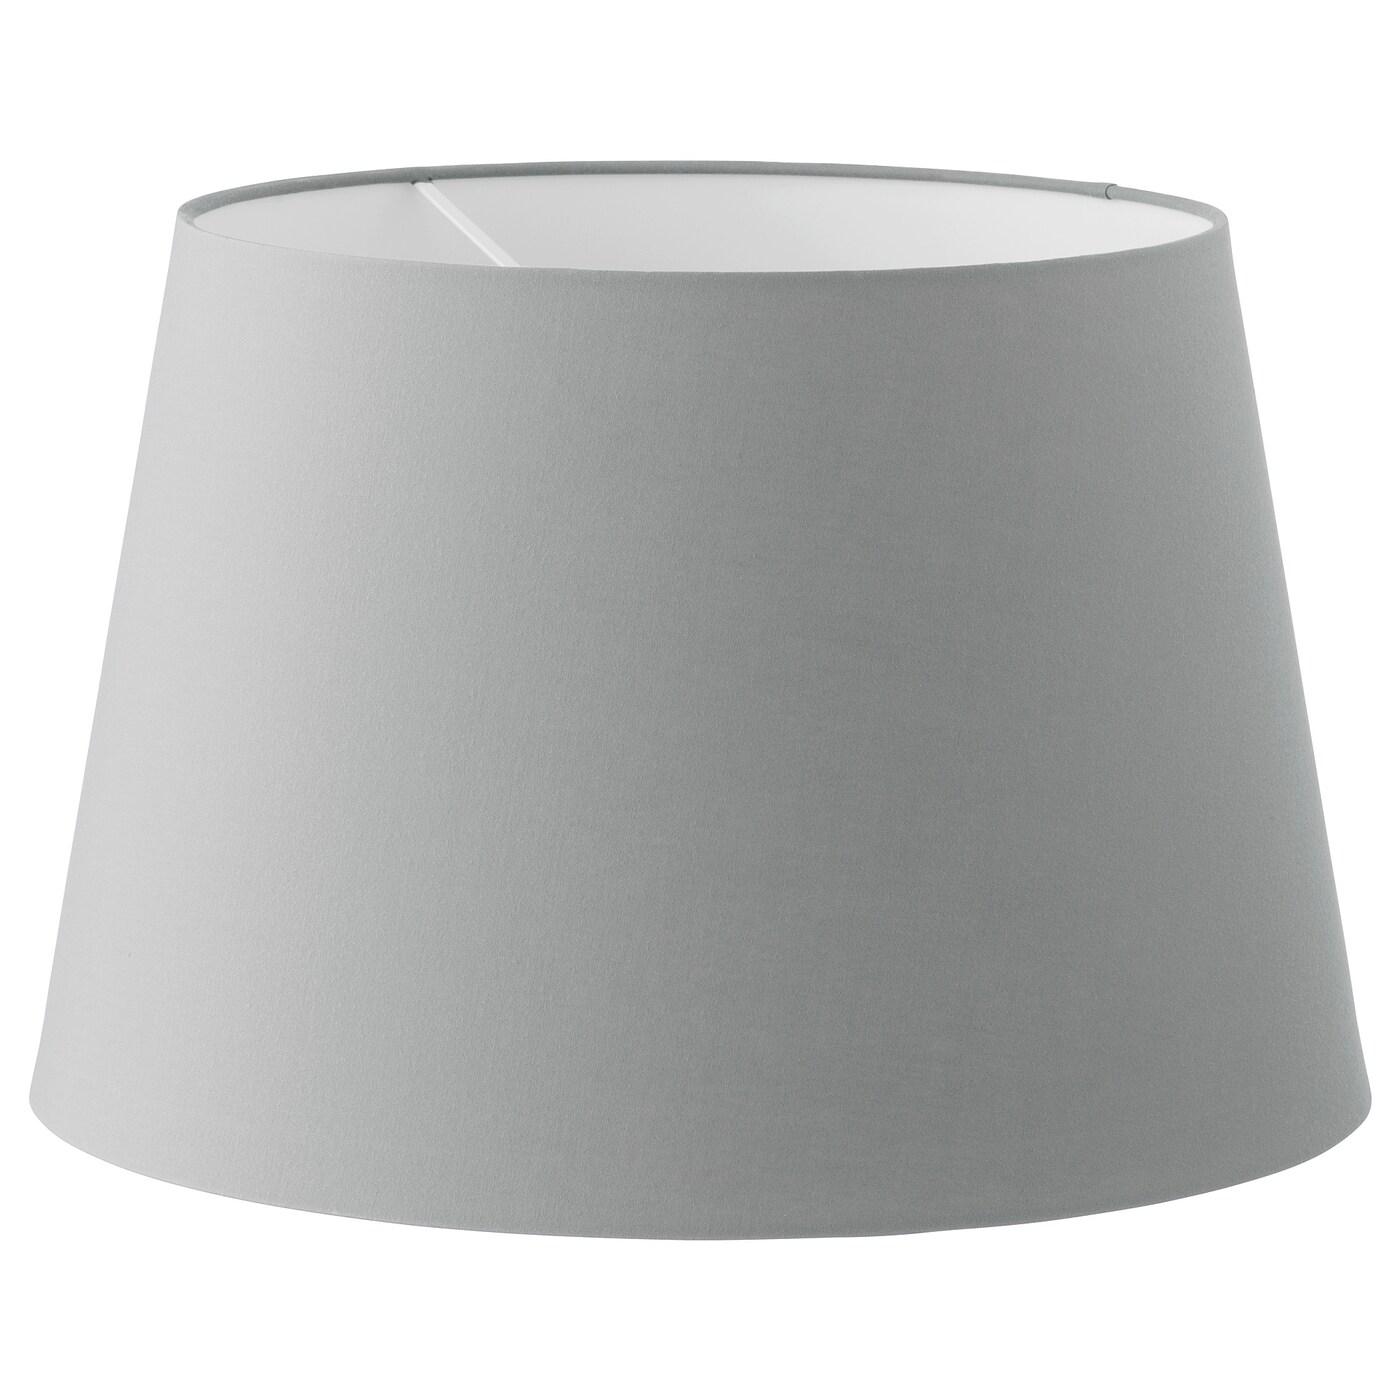 Slaapkamer verlichting & lampen - IKEA